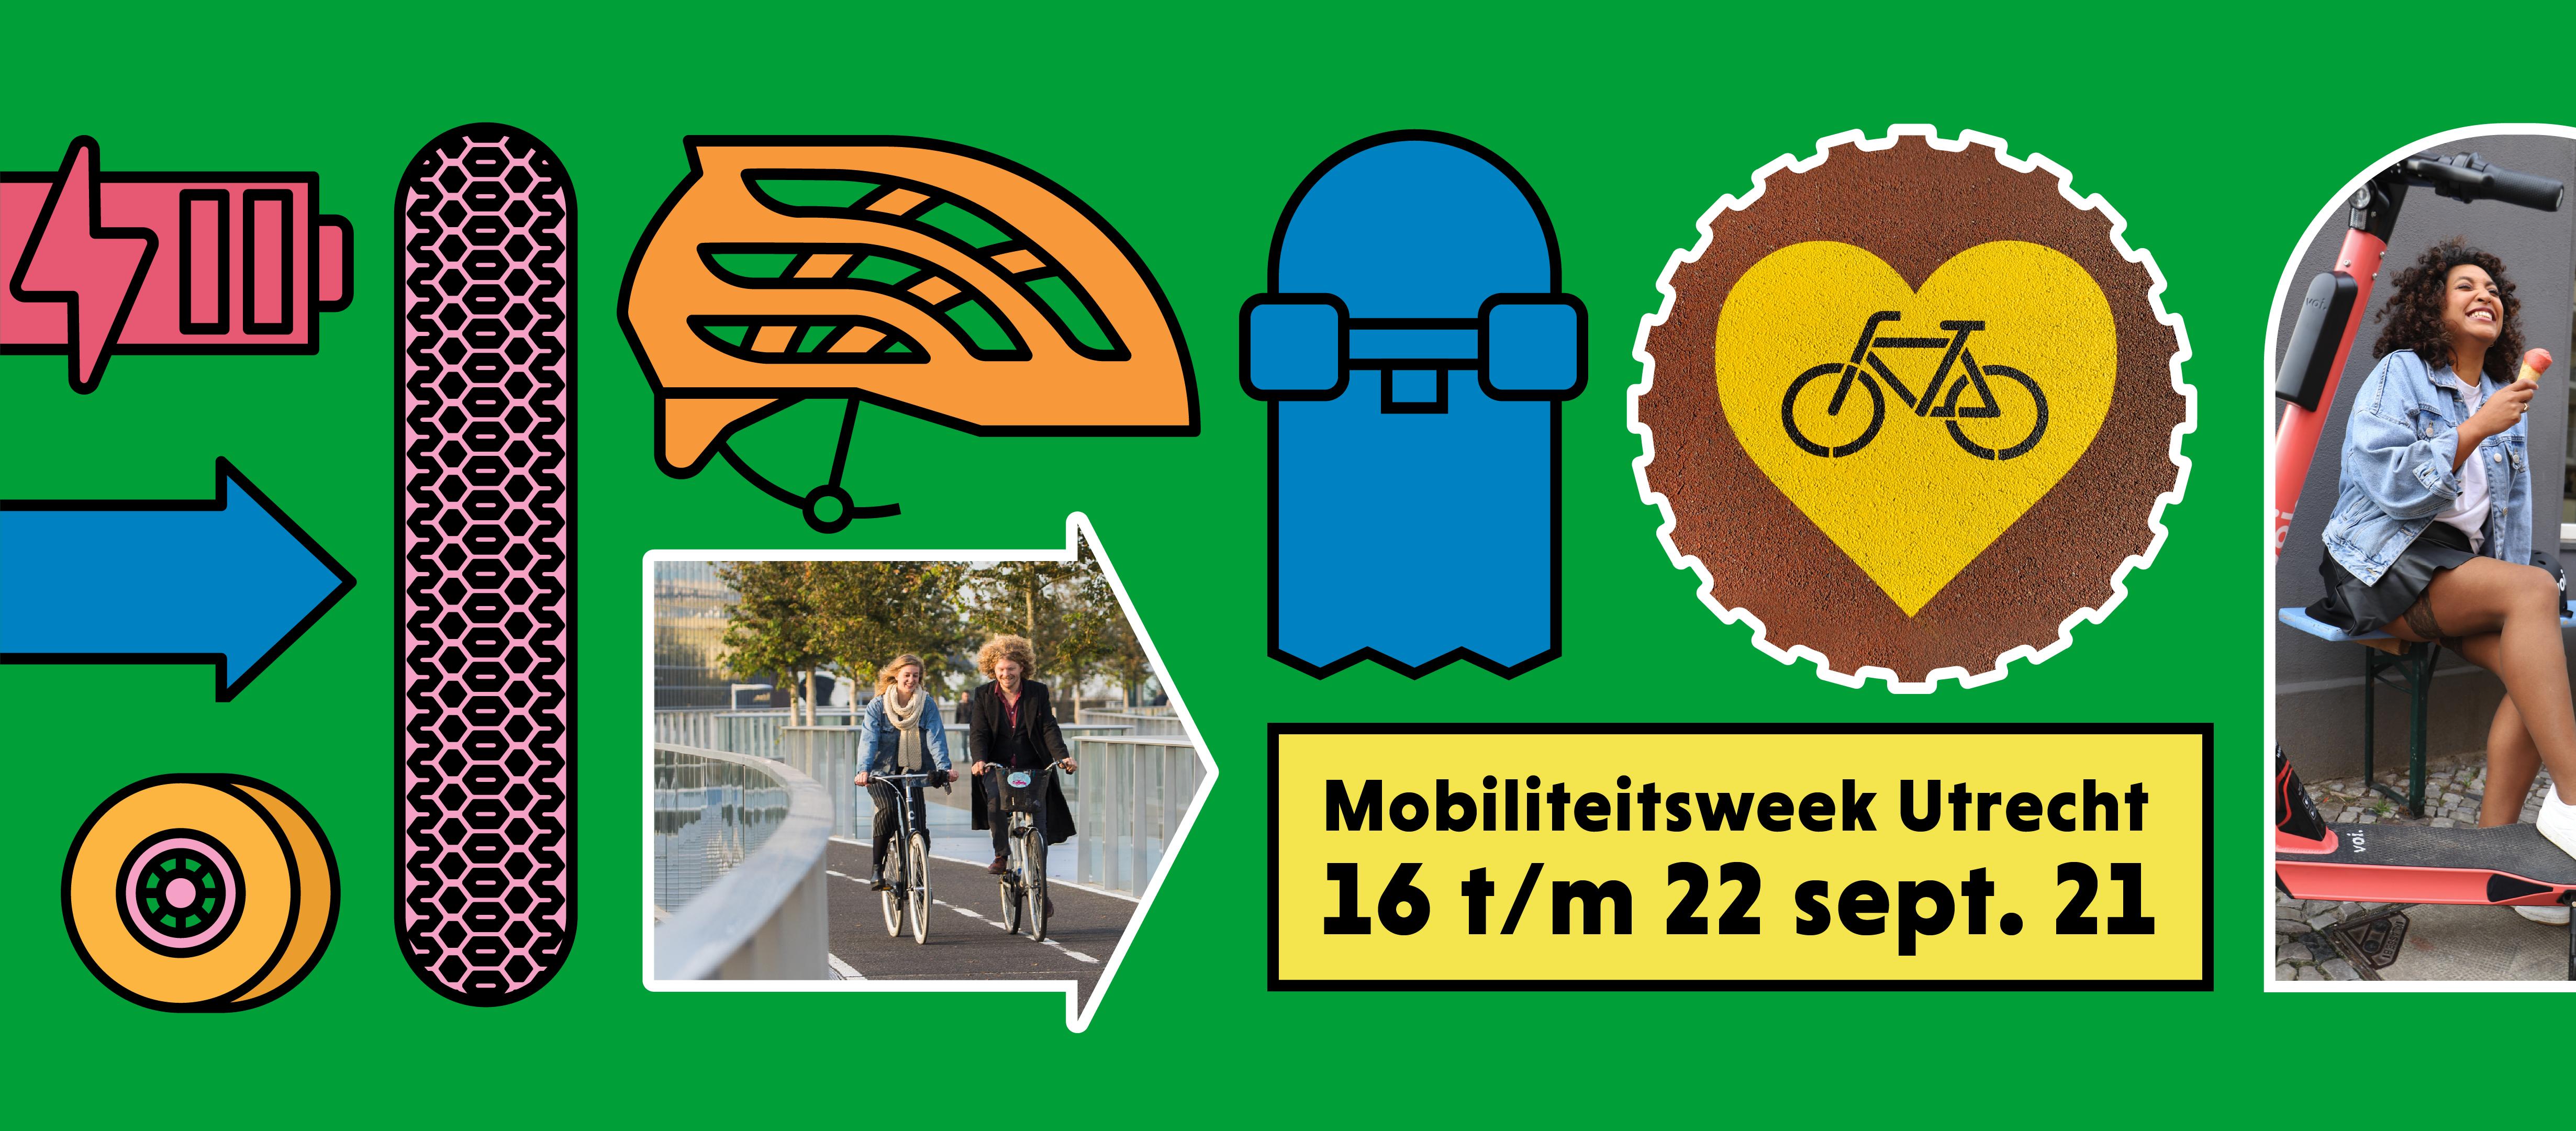 mobiliteitsweek utrecht 2021 banner let's go, regio